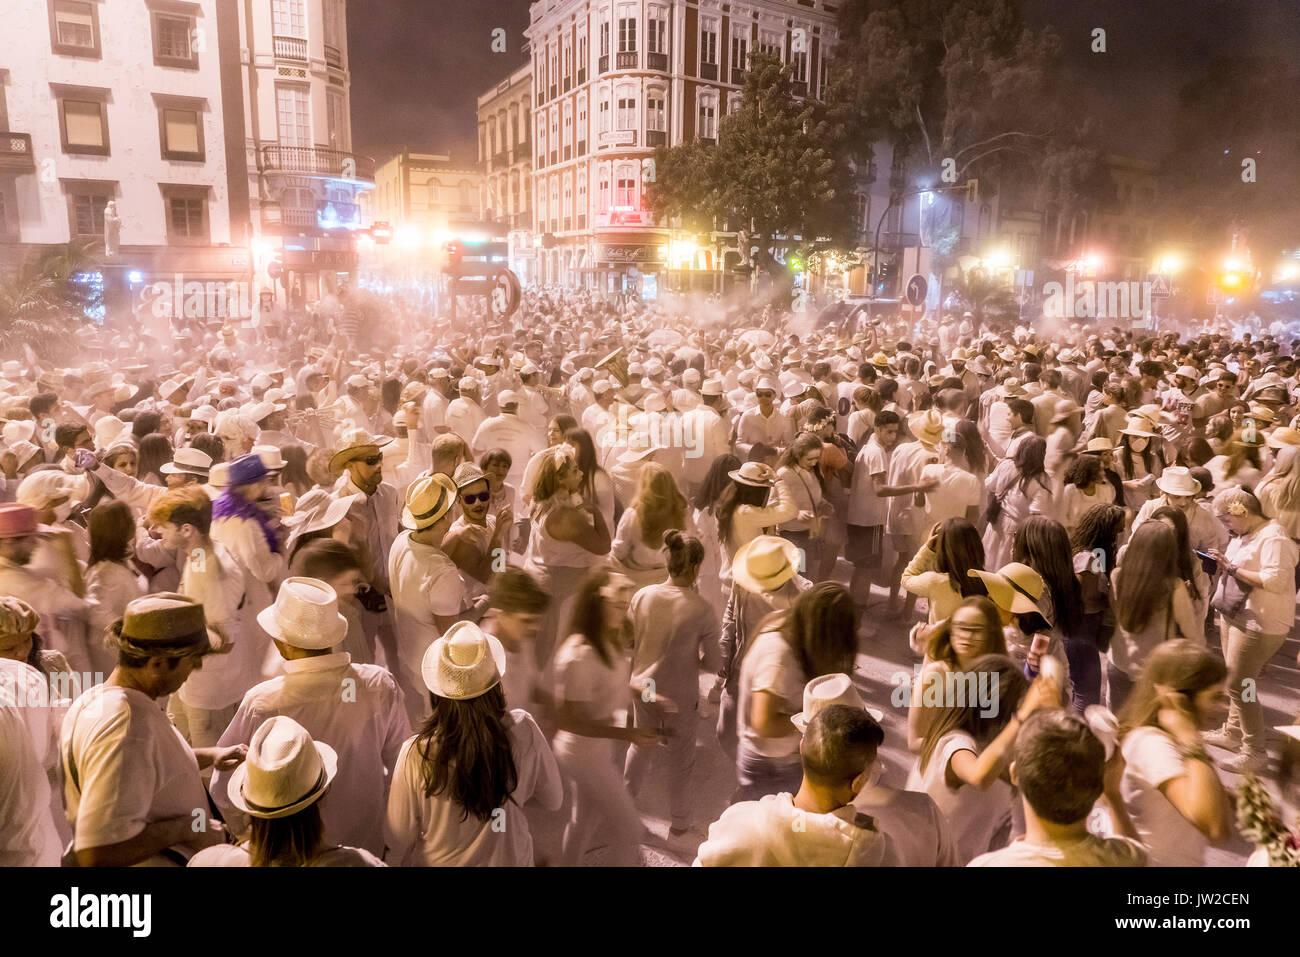 Multitud de personas, polvo blanco y ropa blanca, por la tarde, el estado de ánimo, la fiesta de carnaval de los Indianos, Las Palmas de Gran Canaria Imagen De Stock